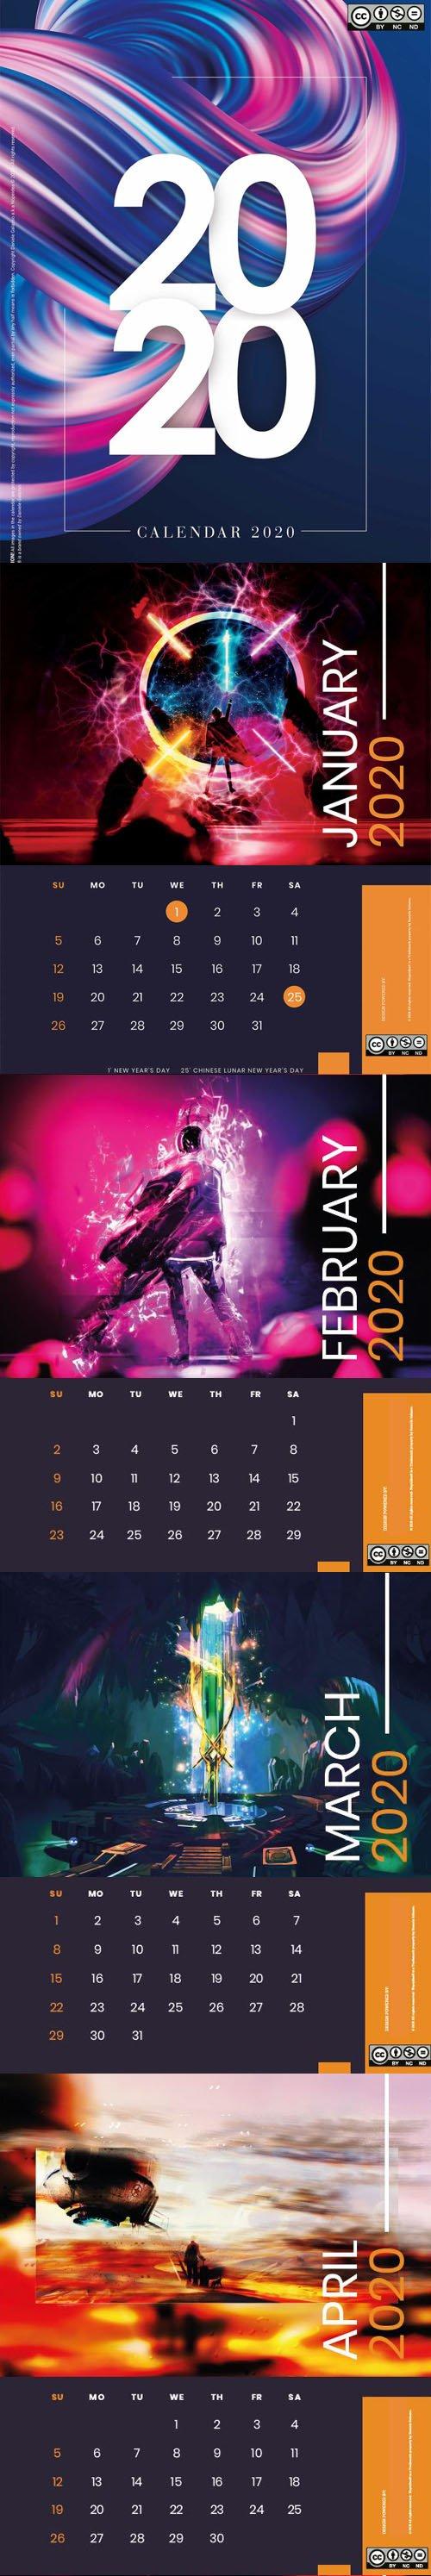 Calendar 2020 - Digital Art Template